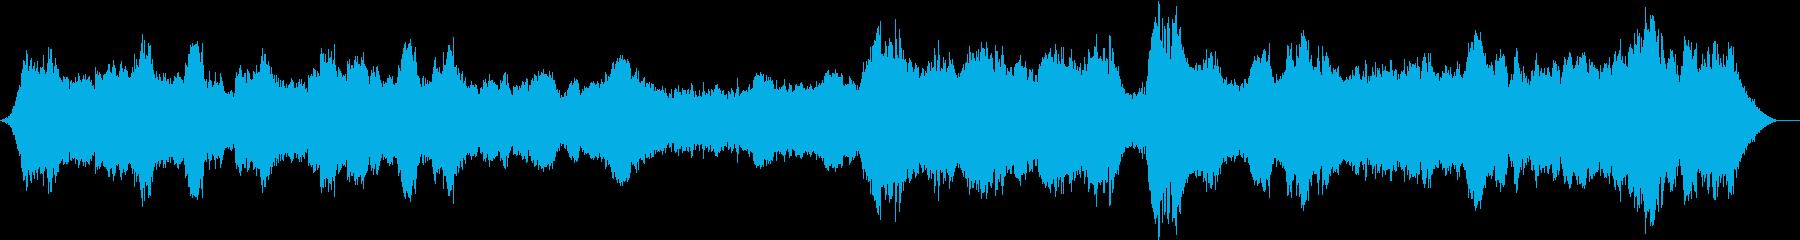 幻想的な映像向けのオーケストラの再生済みの波形